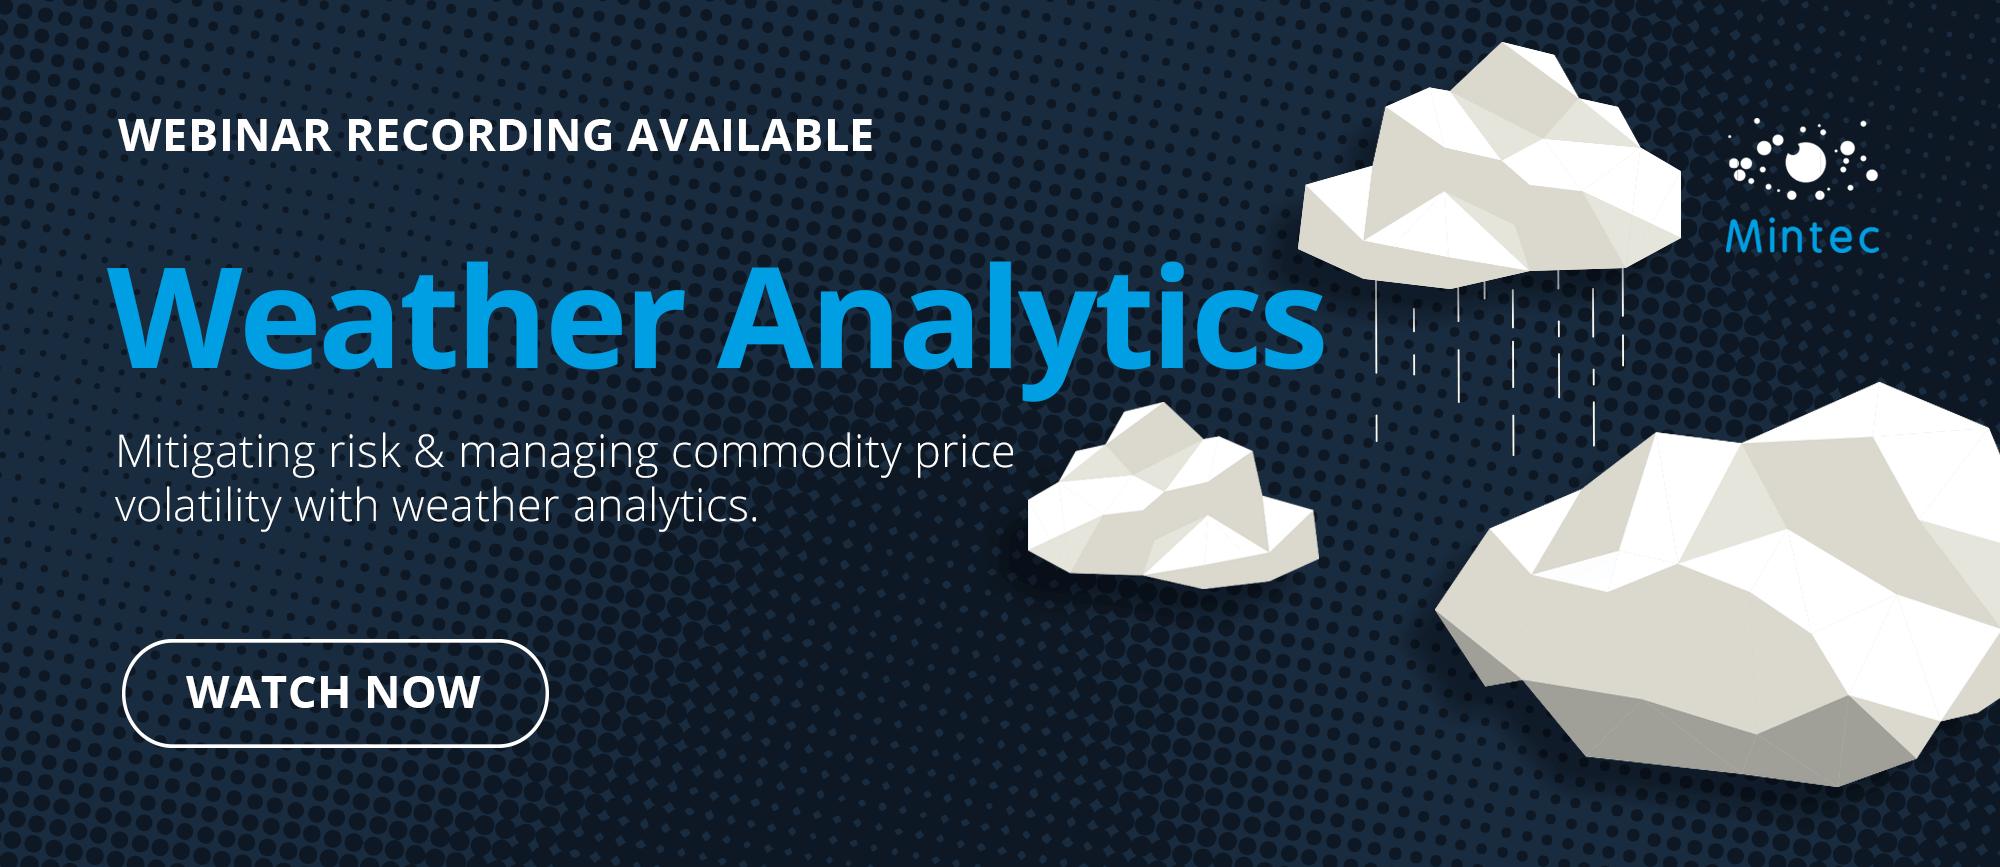 Mintec Webinar: Weather Analytics